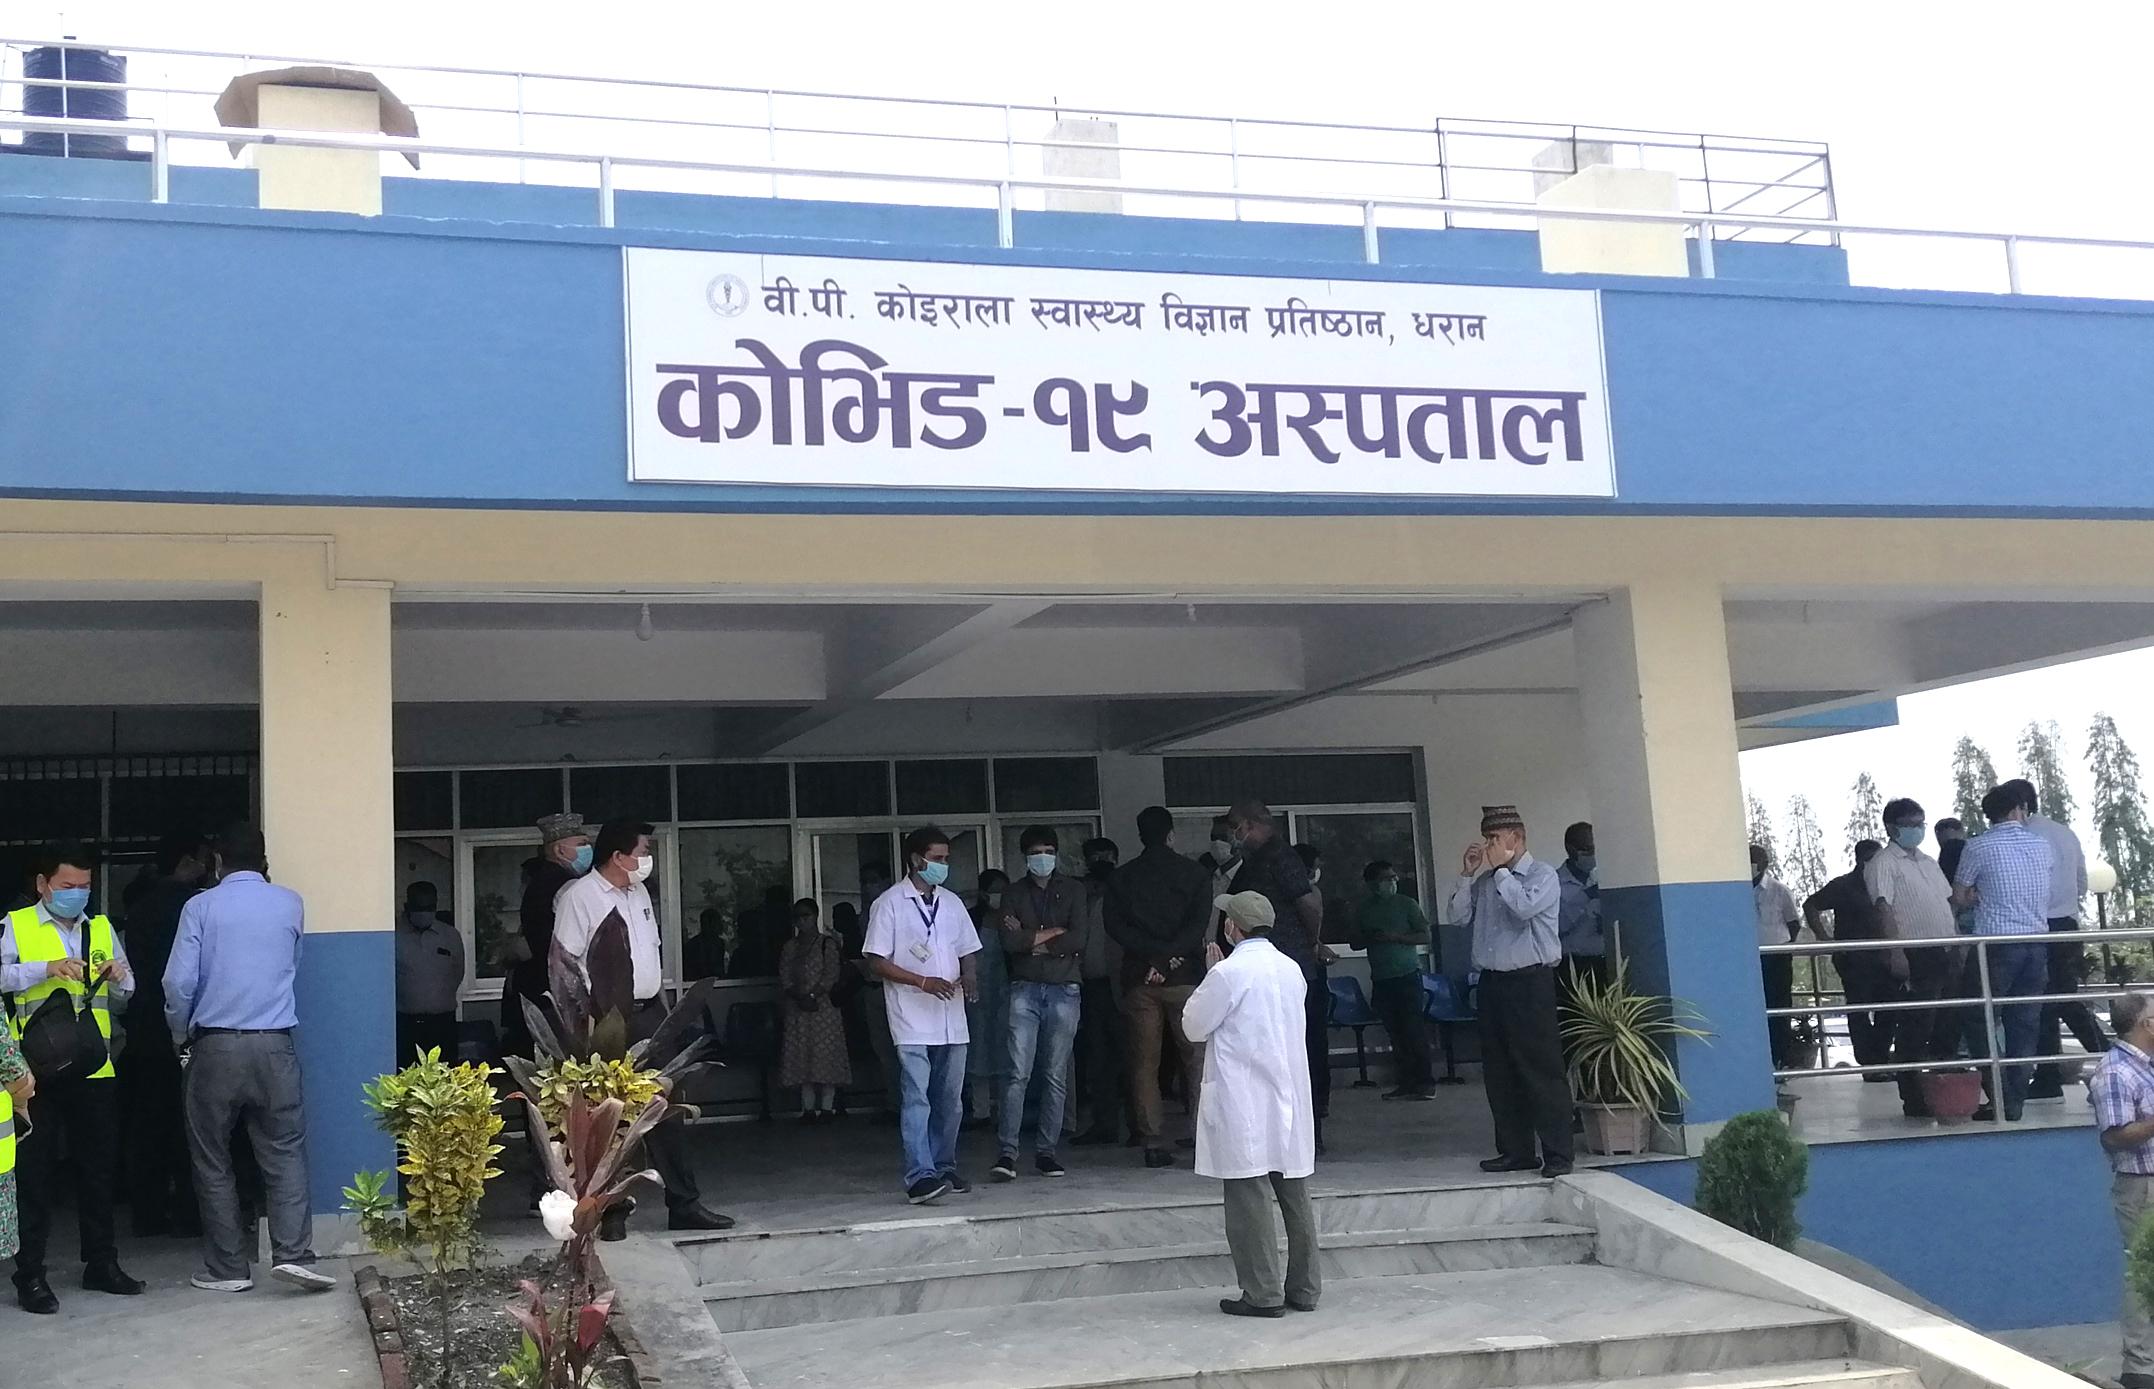 वीपी प्रतिष्ठानको कोभिड अस्पतालमा अनियमिता आशंकाः अख्तियारद्वारा छानबिन शुरु